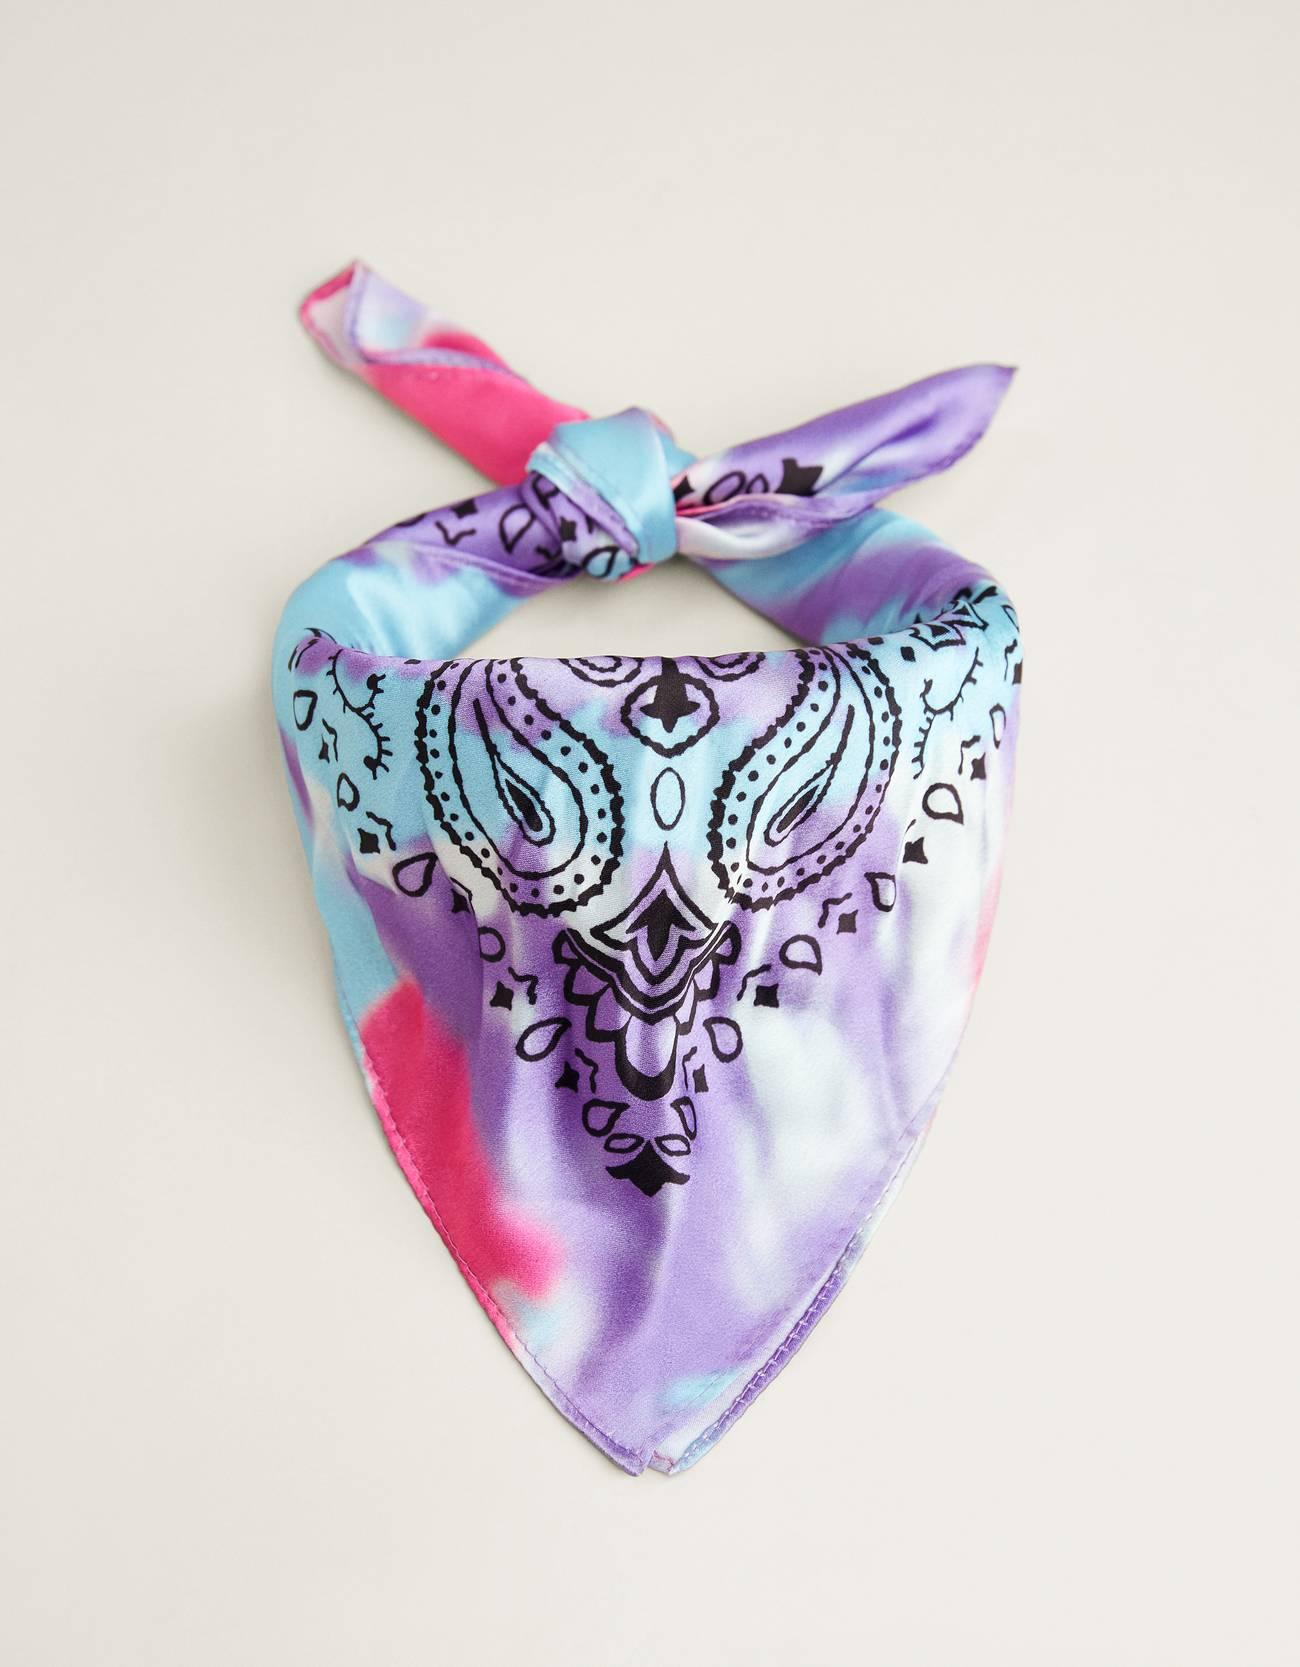 Pañuelo satinado con estampado tie-dye